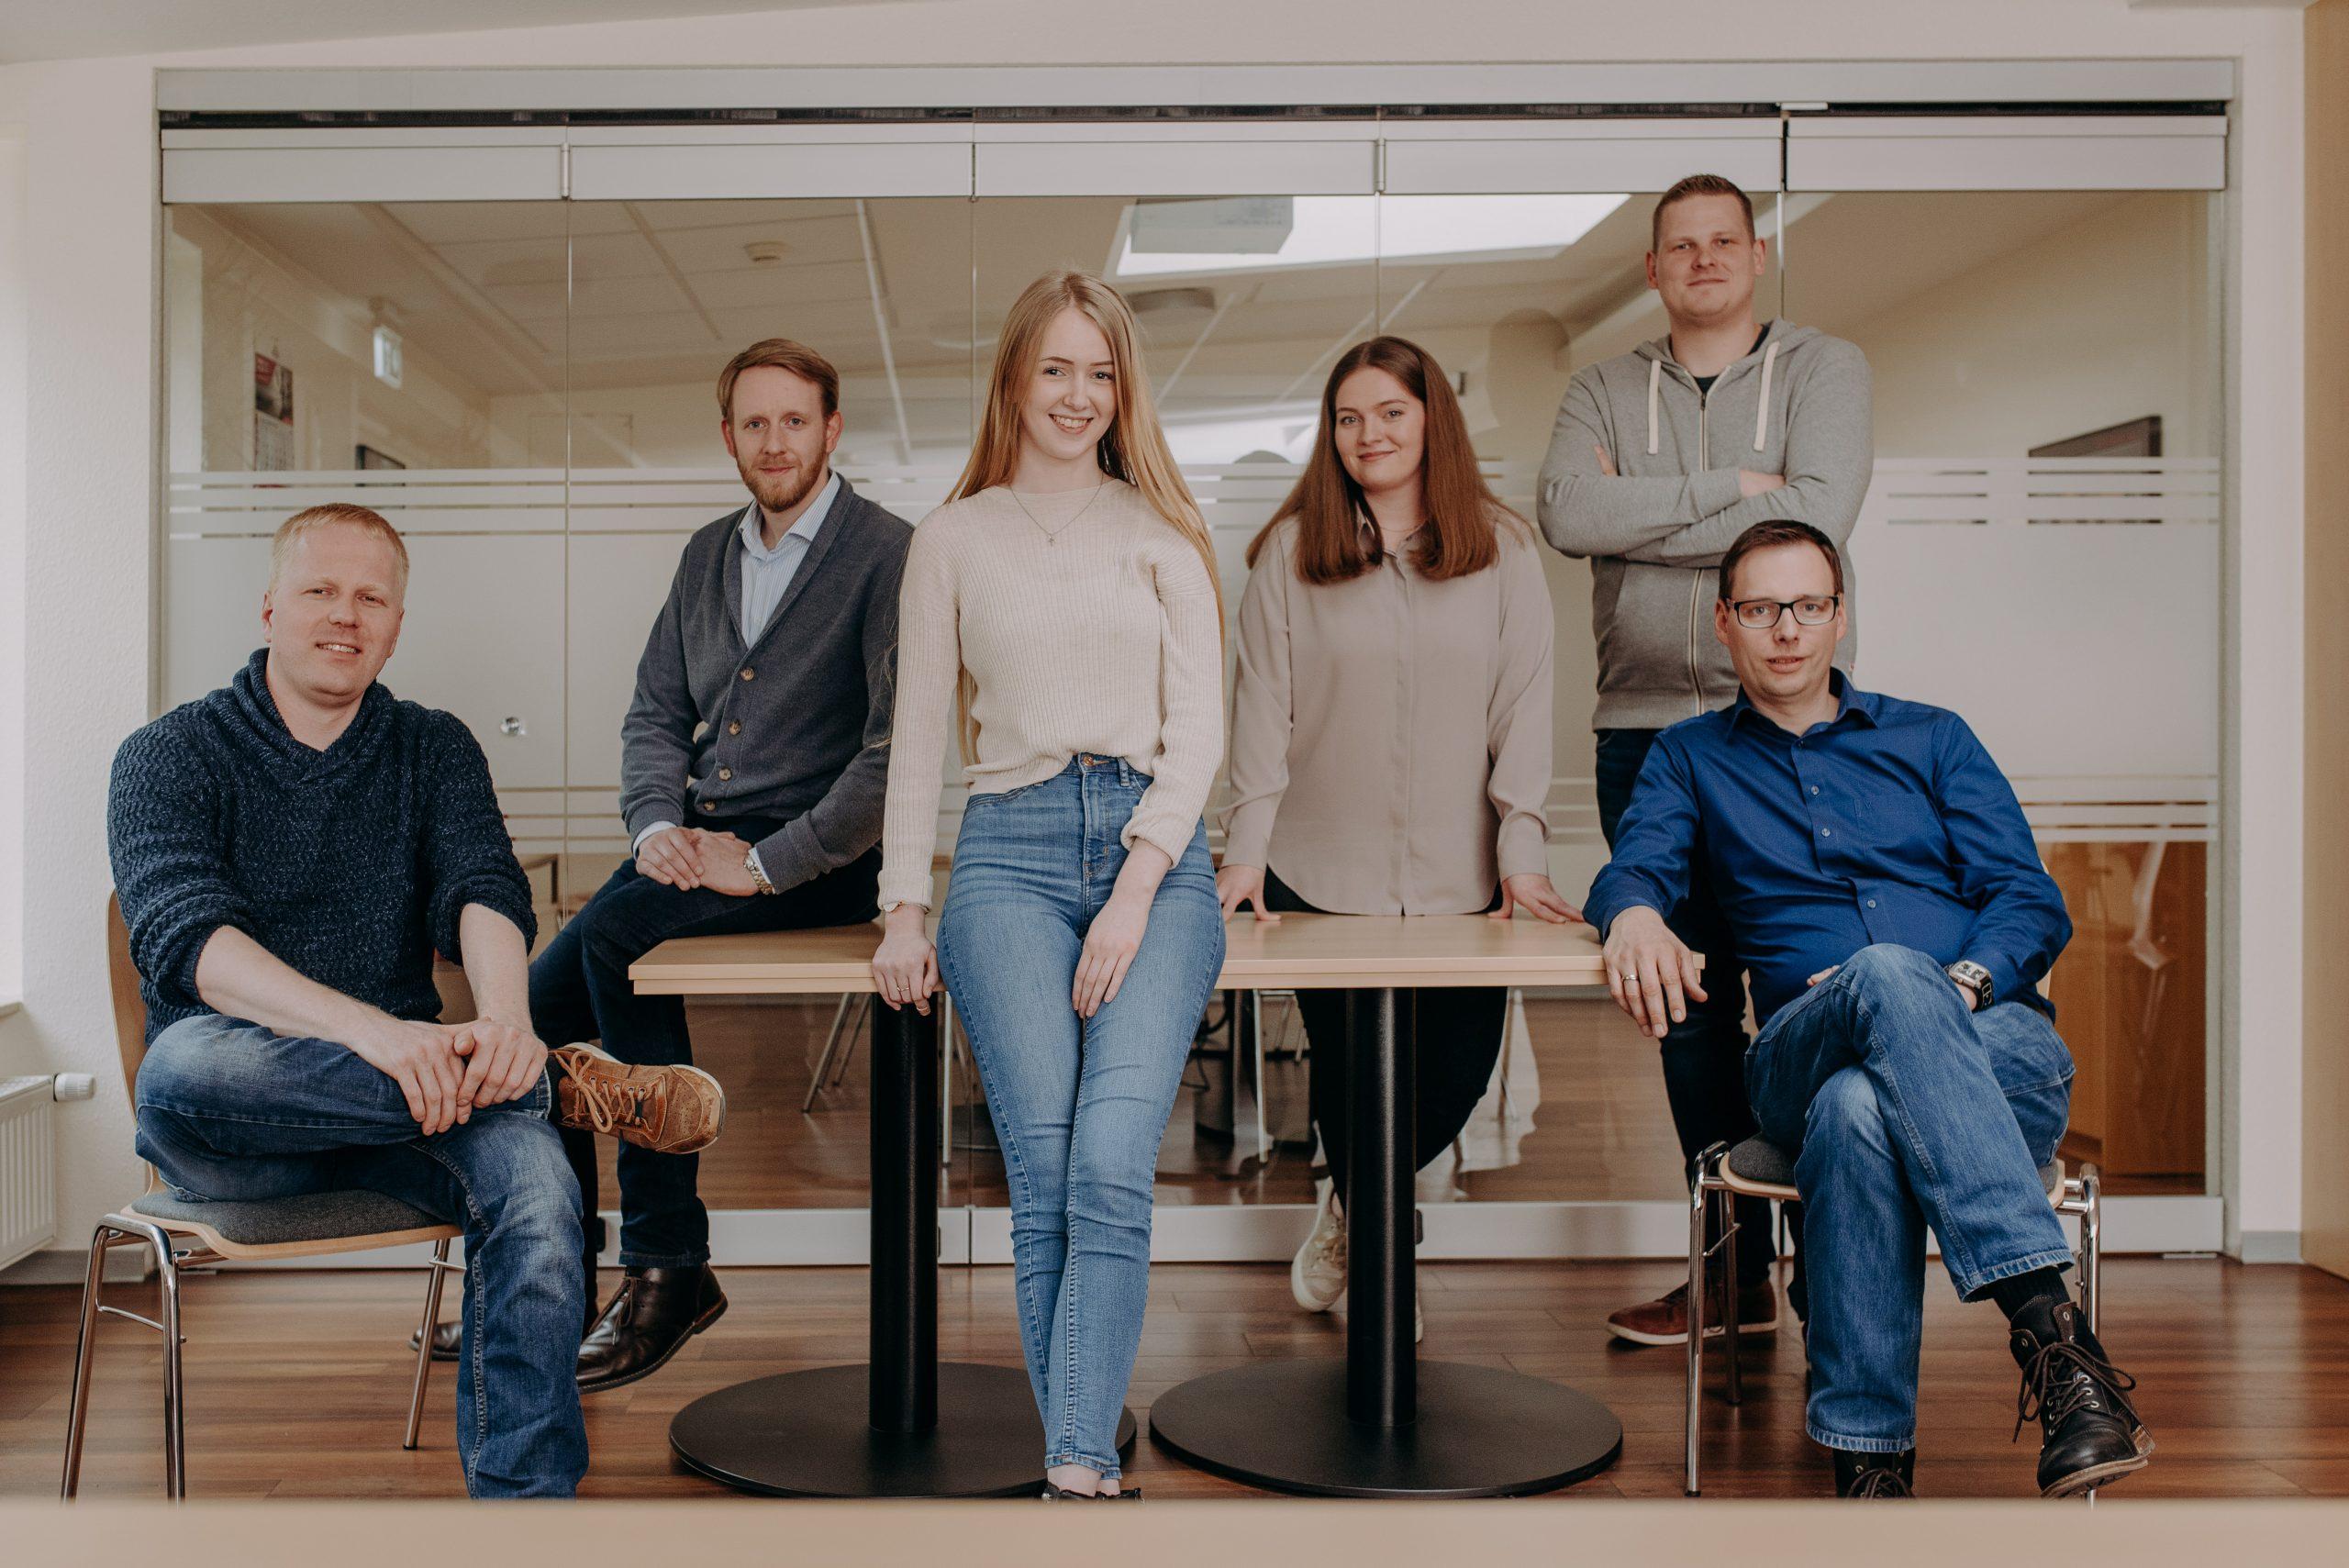 Gruppe aus 6 Menschen sitzt und steht um einen Tisch herum